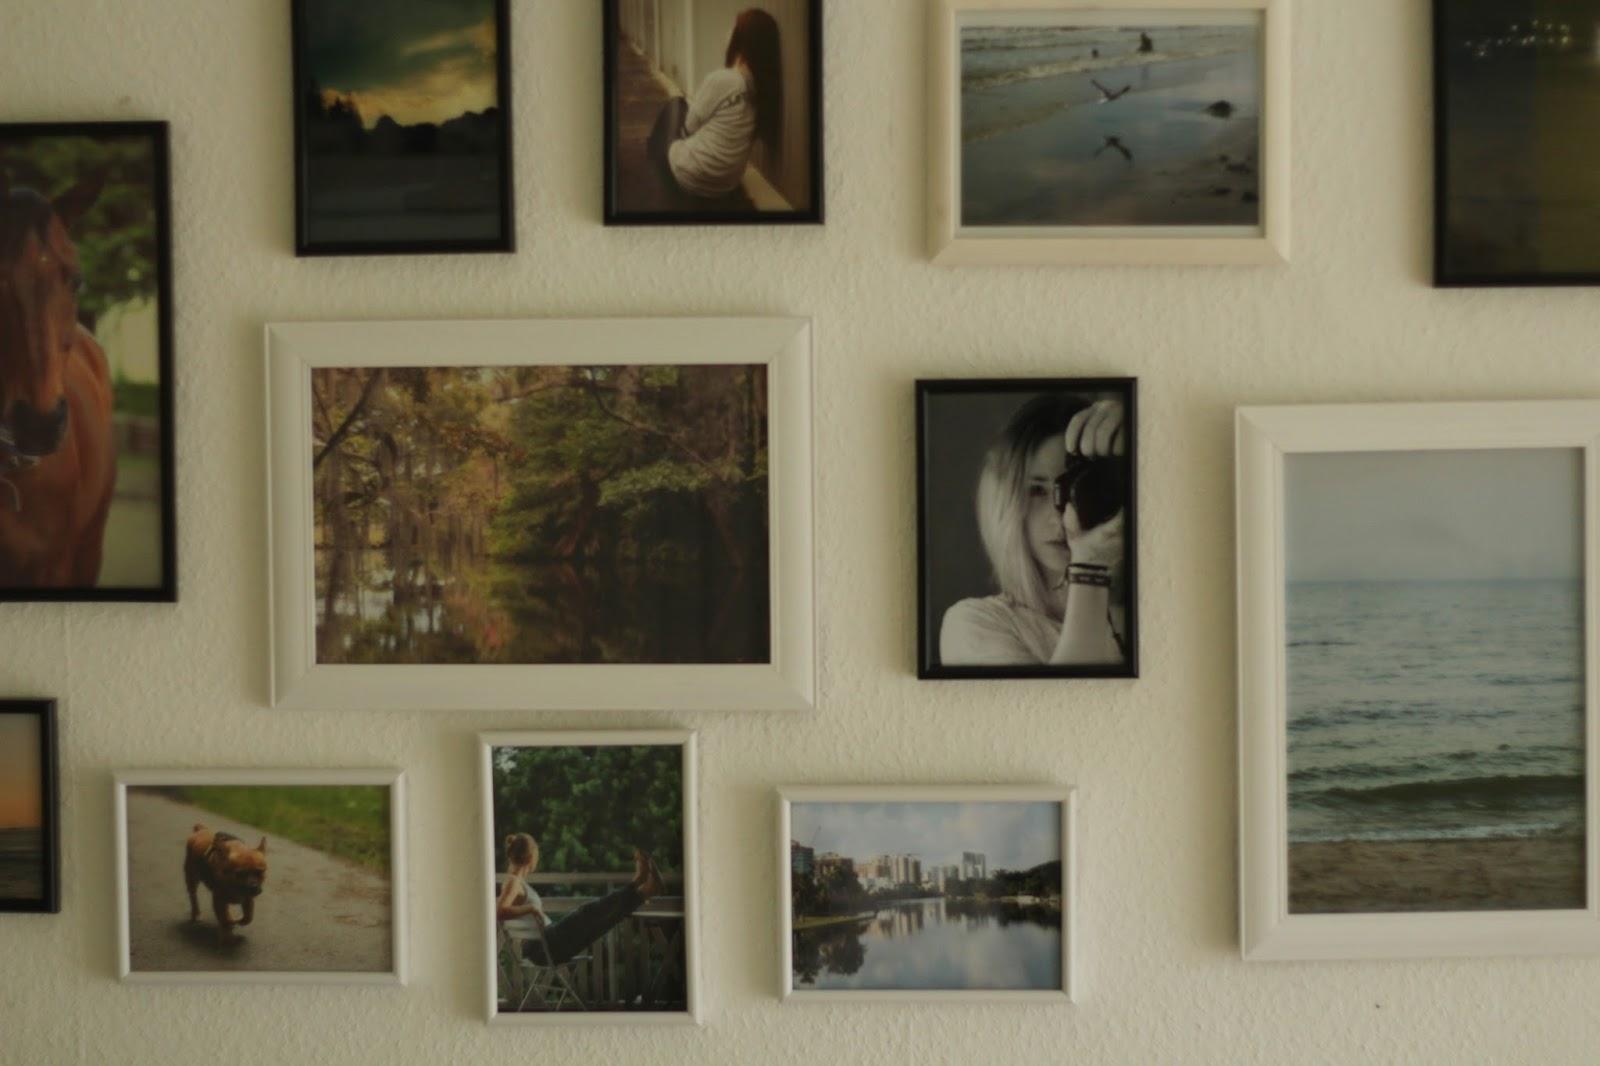 Als Erstes Braucht Man Natürlich Fotos Ich Bestelle Meine Gerne Bei Smartphoto Und Zwar Weil Es Da So Viele Verschiedene Designs Gibt